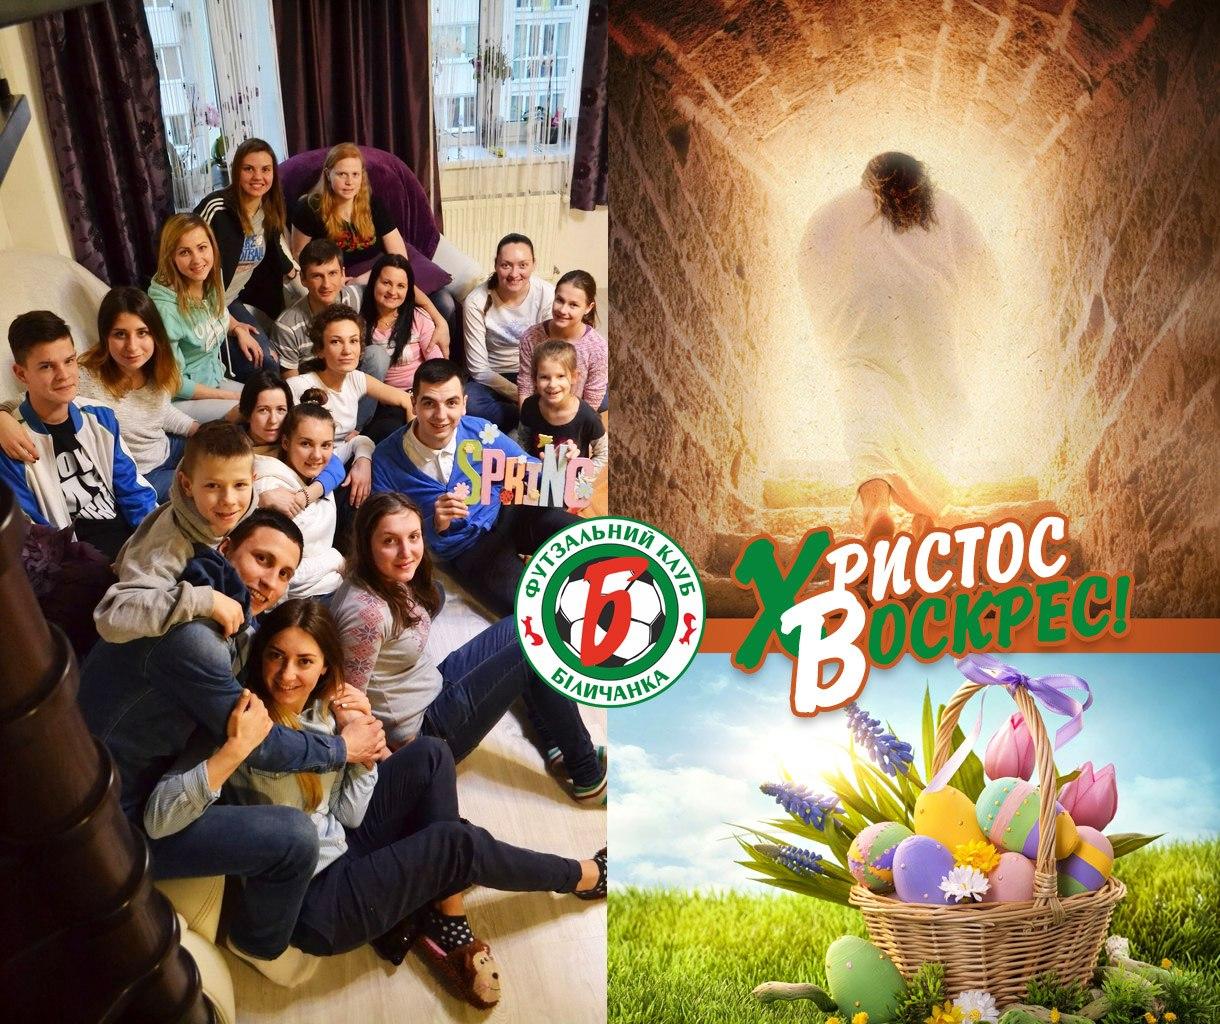 Христос воскрес, Великдень, Happy Easter, Воскресіння, Христове, свято, Біличанка, клуб, Команда, вітання